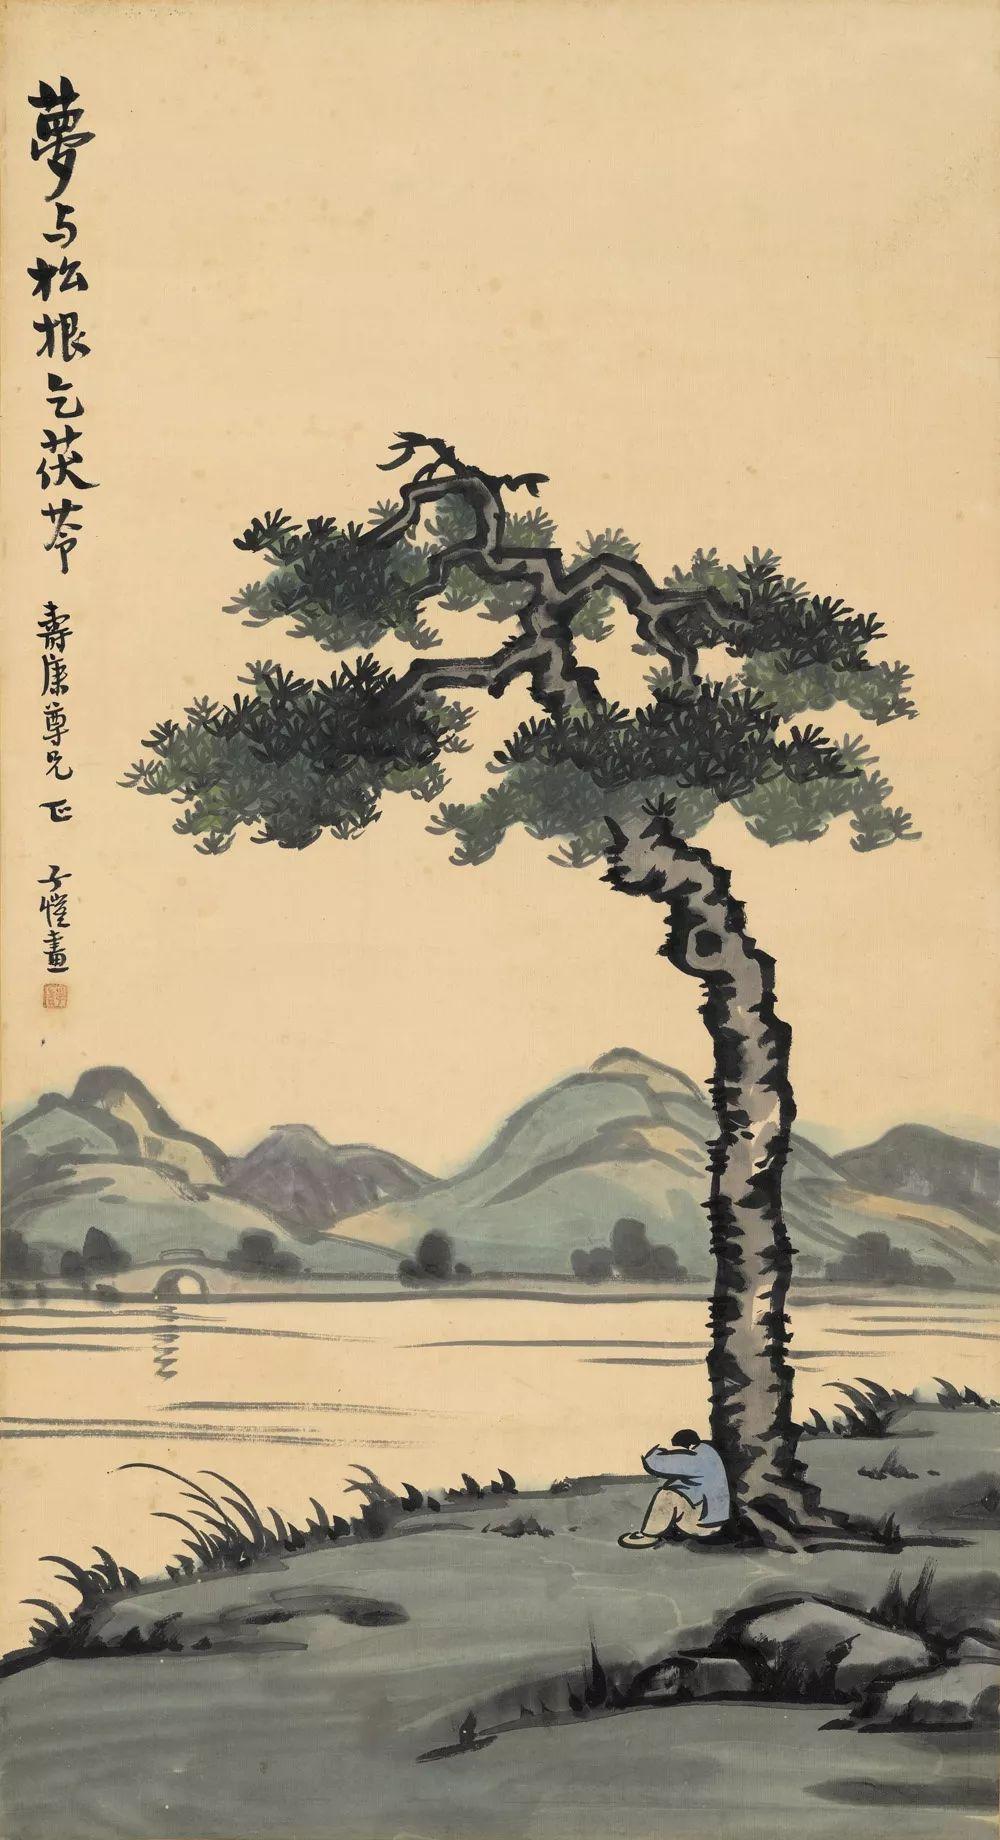 徐继畲后人文物&范寿康先生后人再次向浙江省博物馆捐赠文物